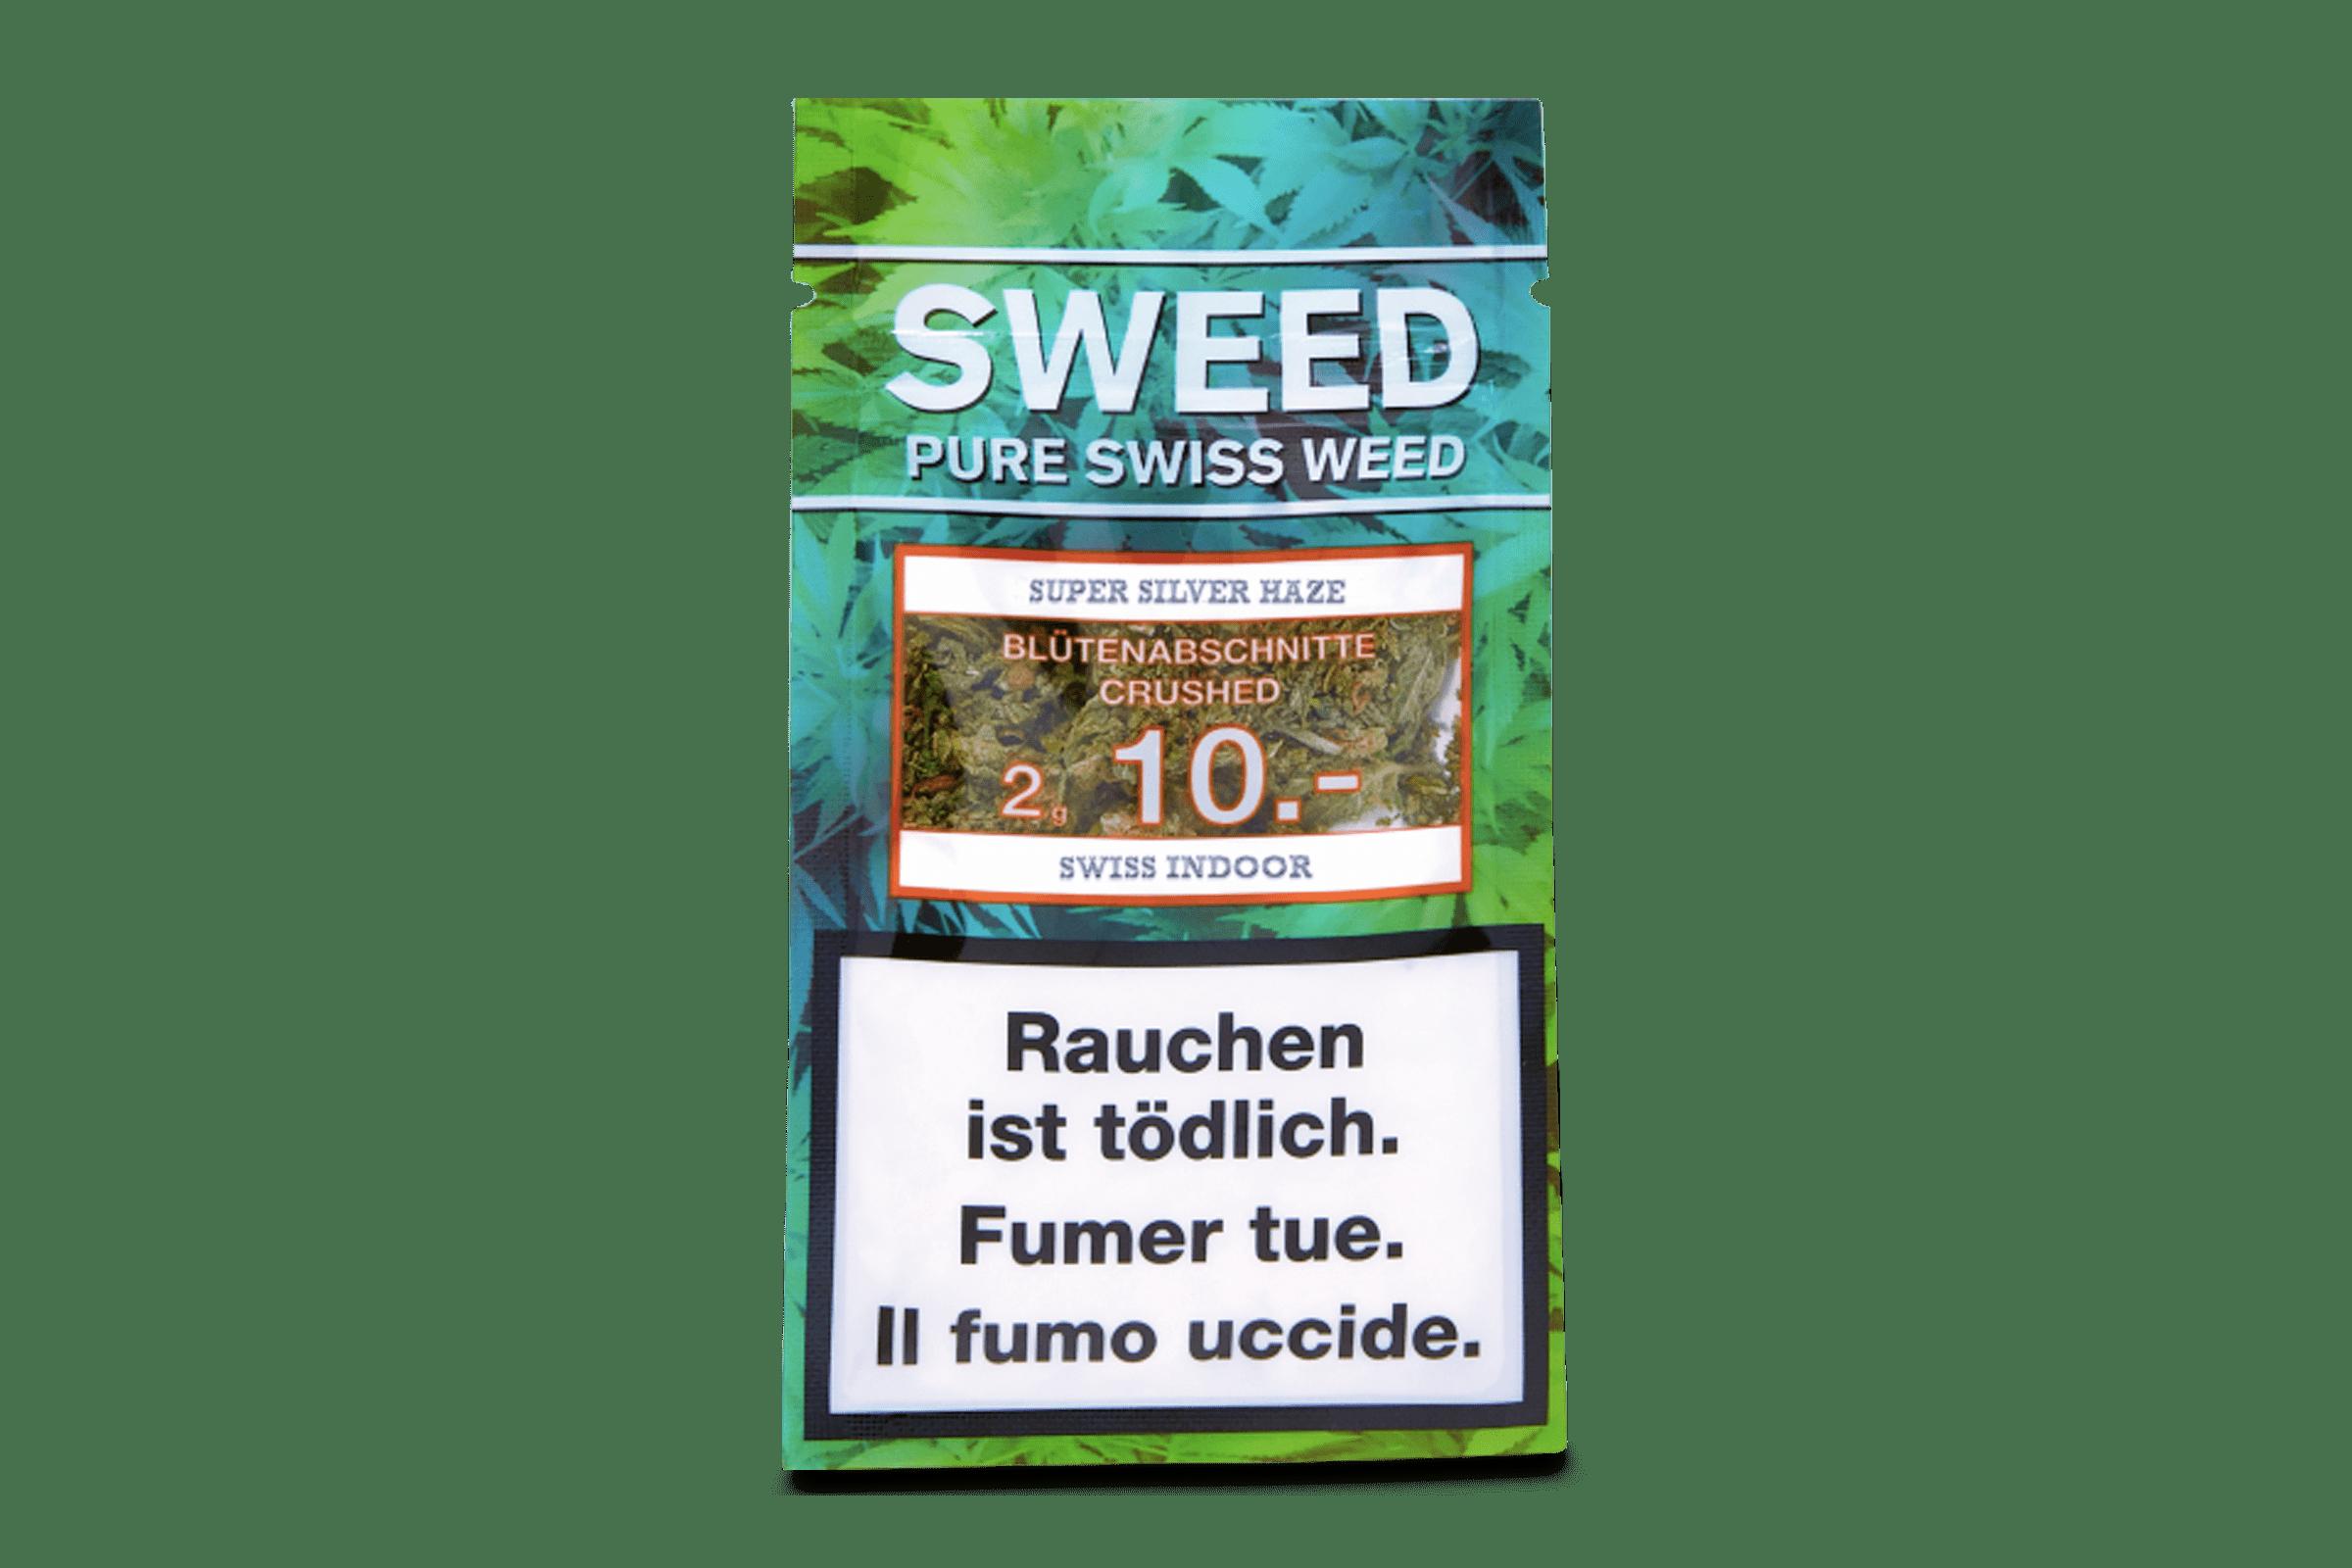 Super Silver Haze 2g 1